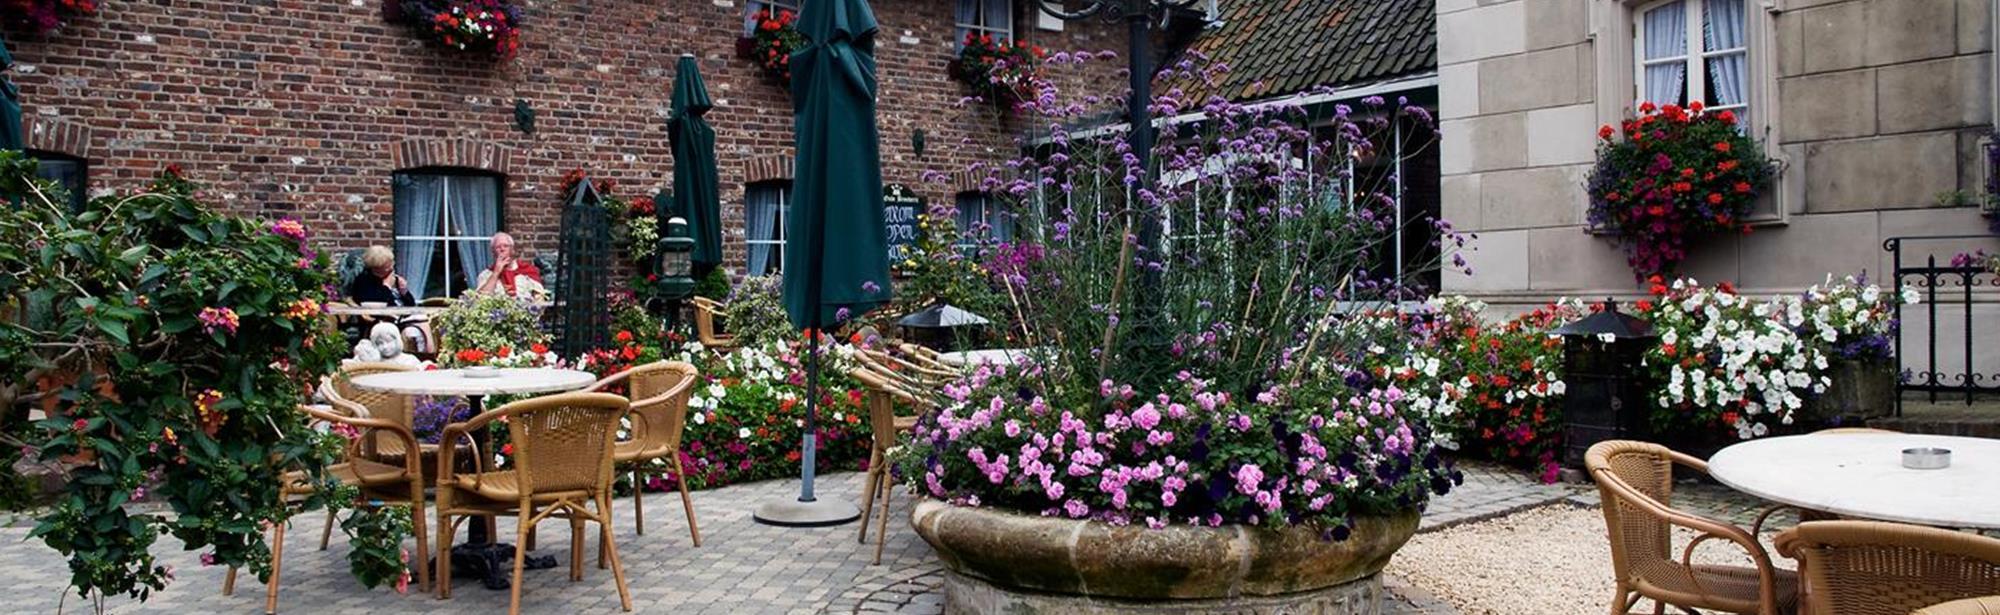 Hotel Restaurant de Oude Brouwerij